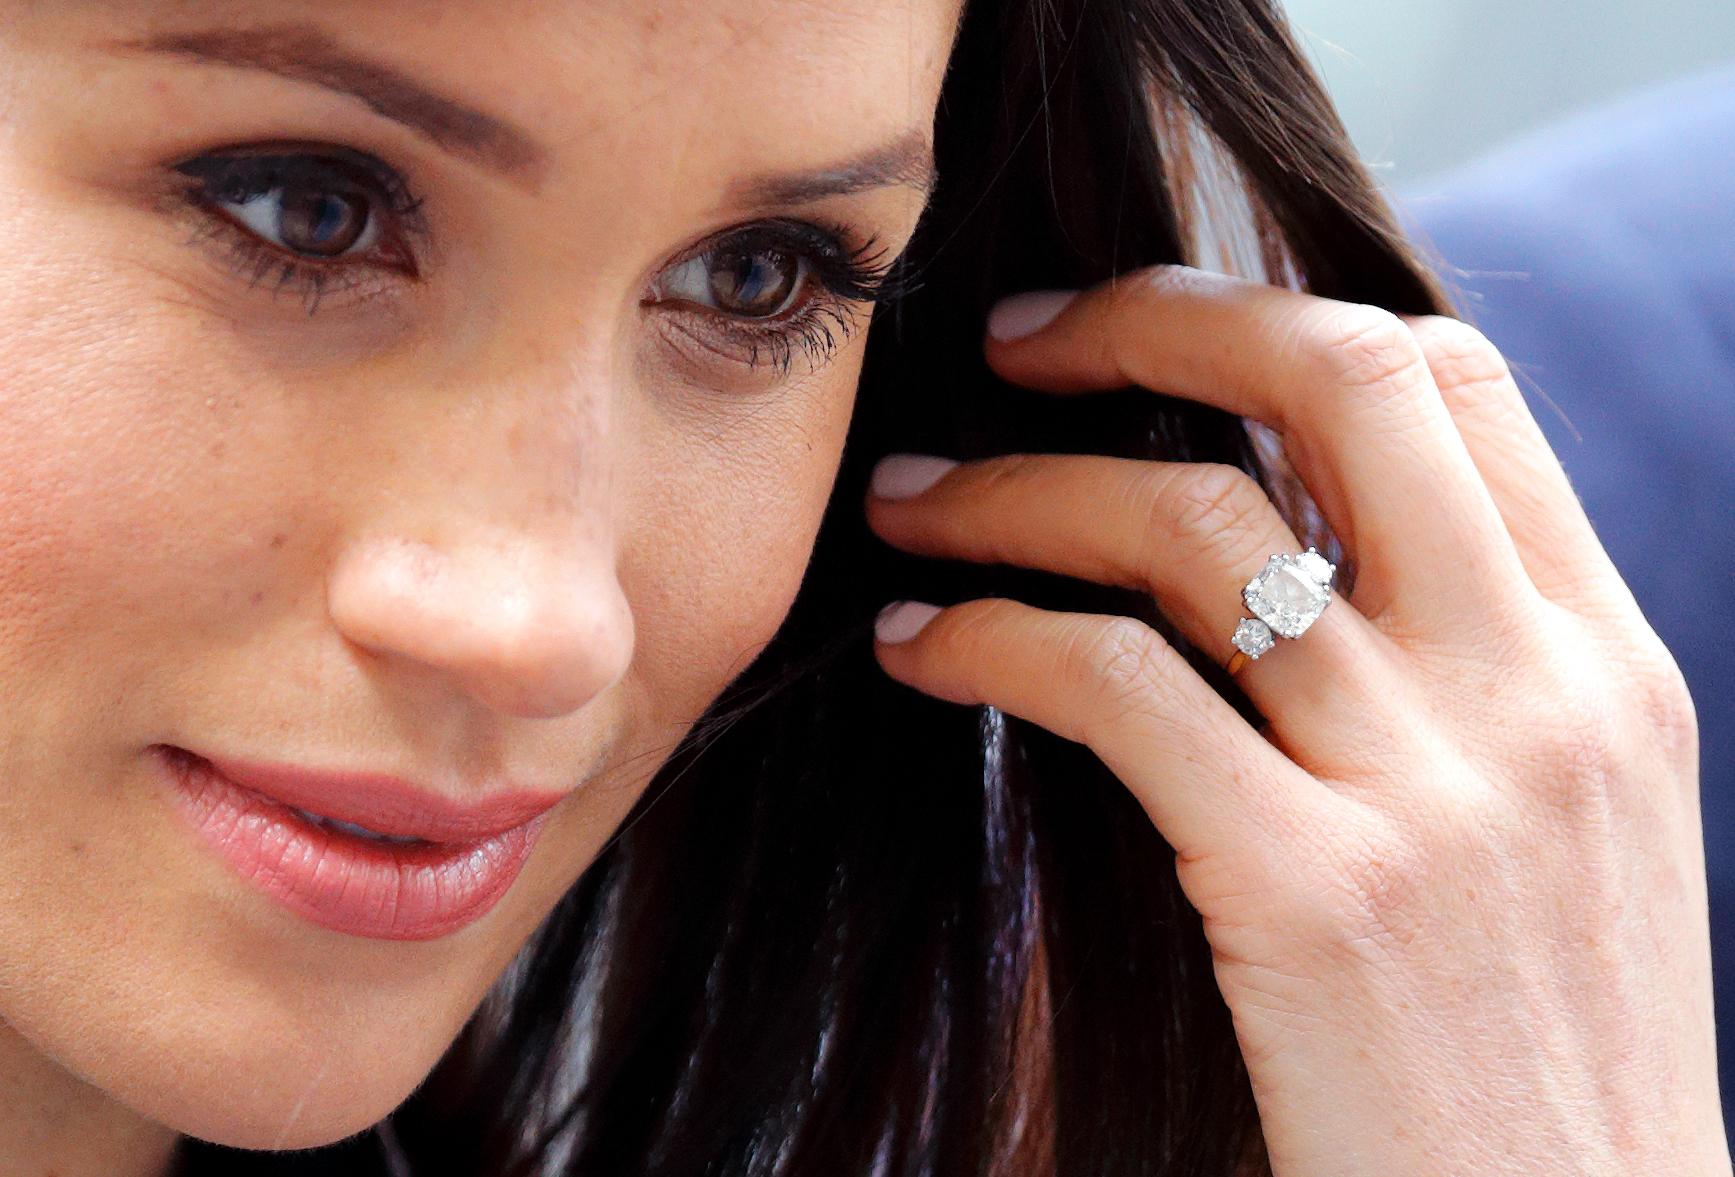 Meghan Markle's ring